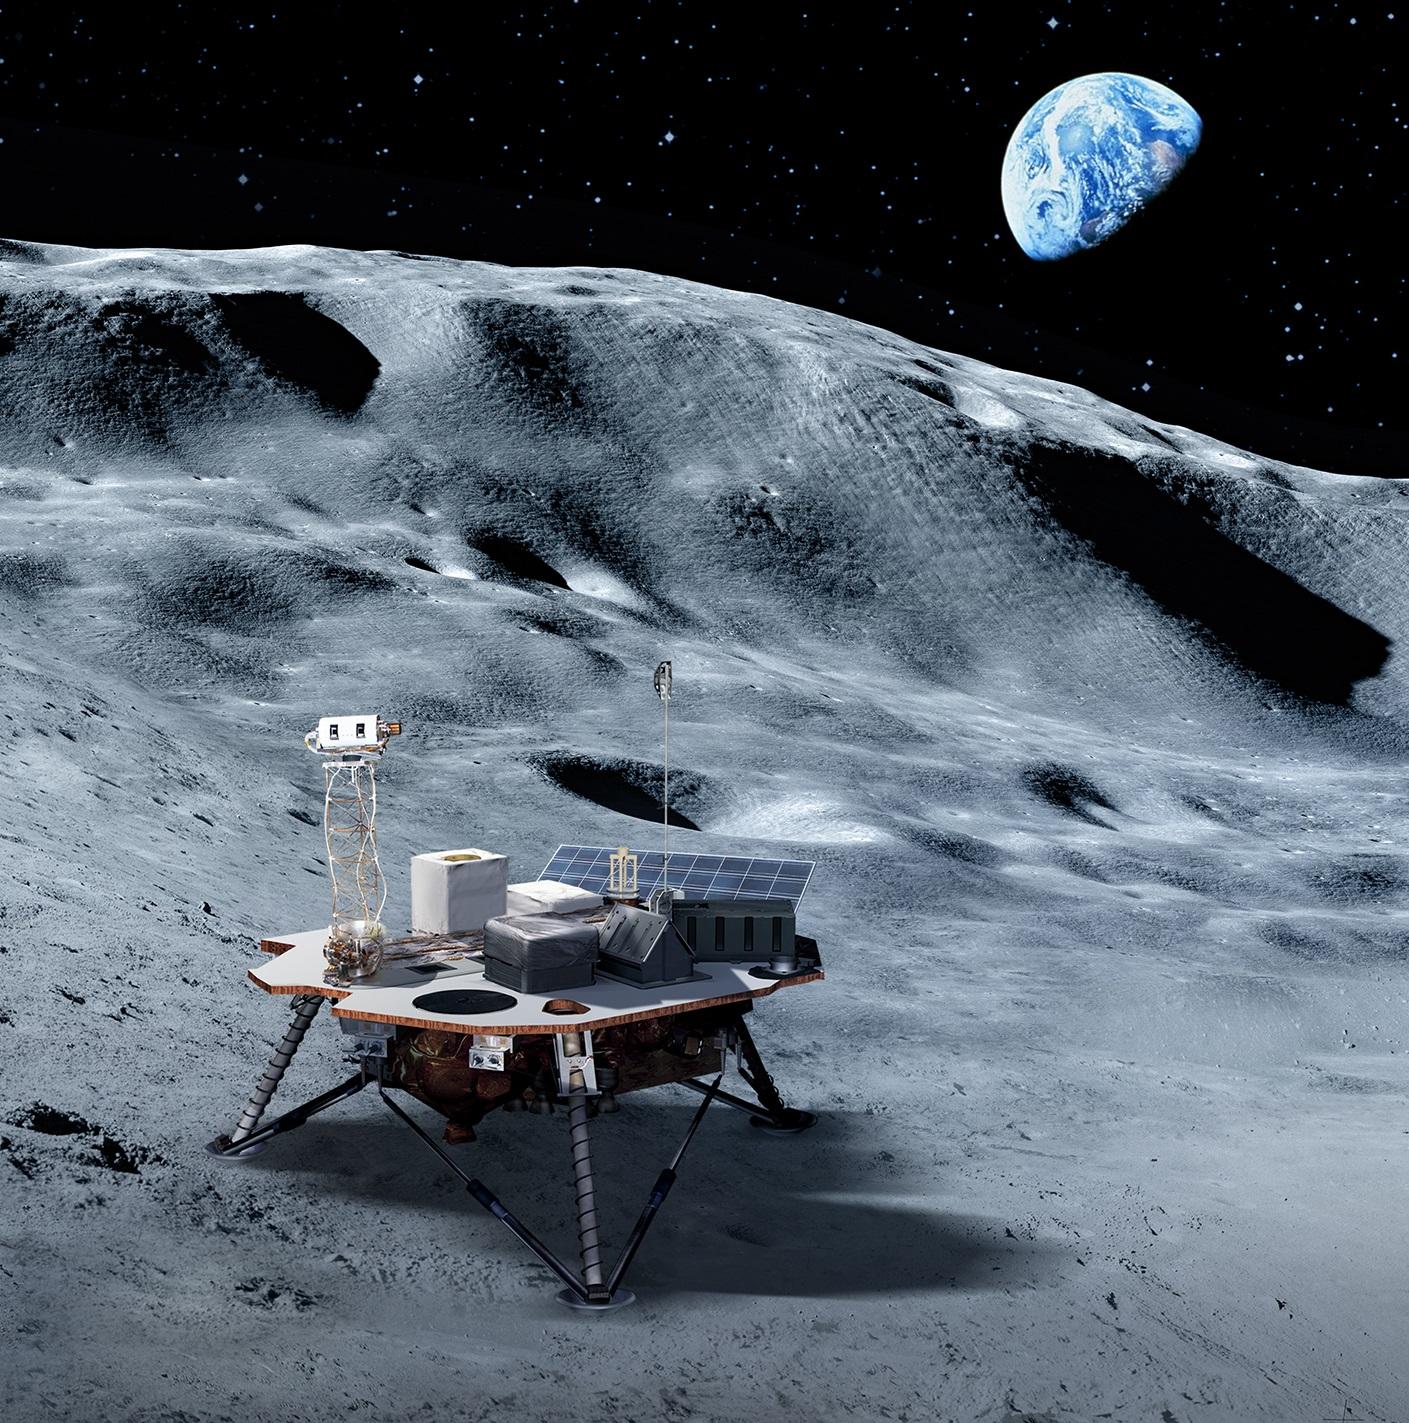 Nasa Selects 12 New Lunar Science Technology Investigations Nasa